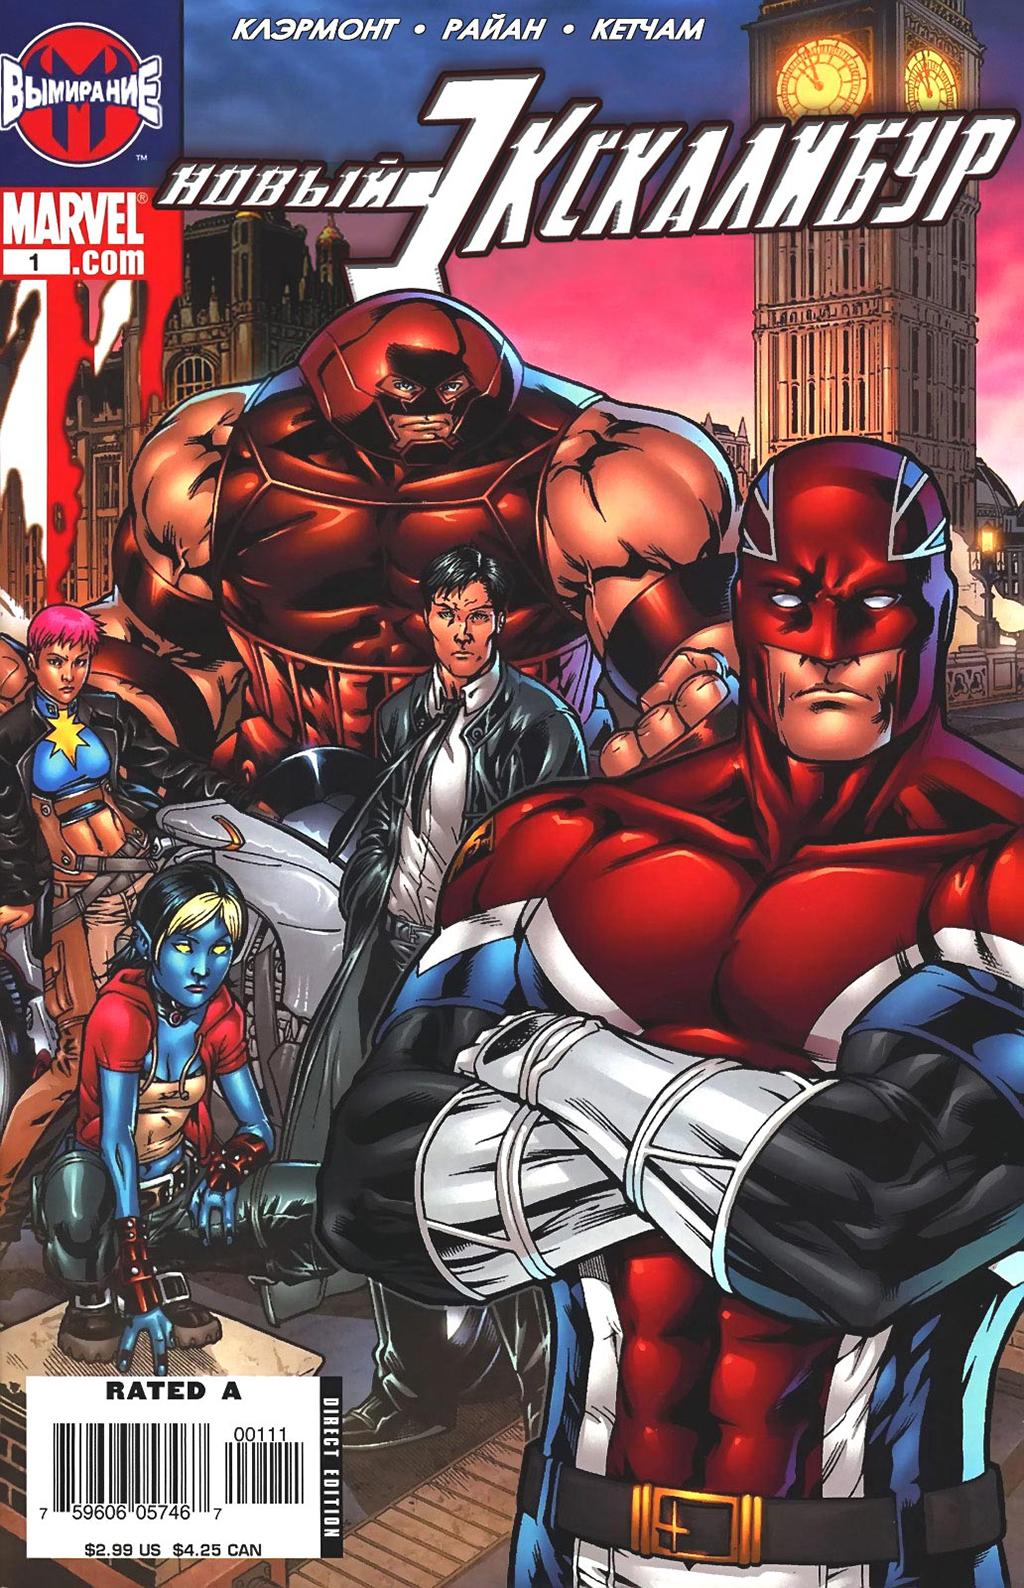 Комикс Люди Икс - Новый Экскалибур